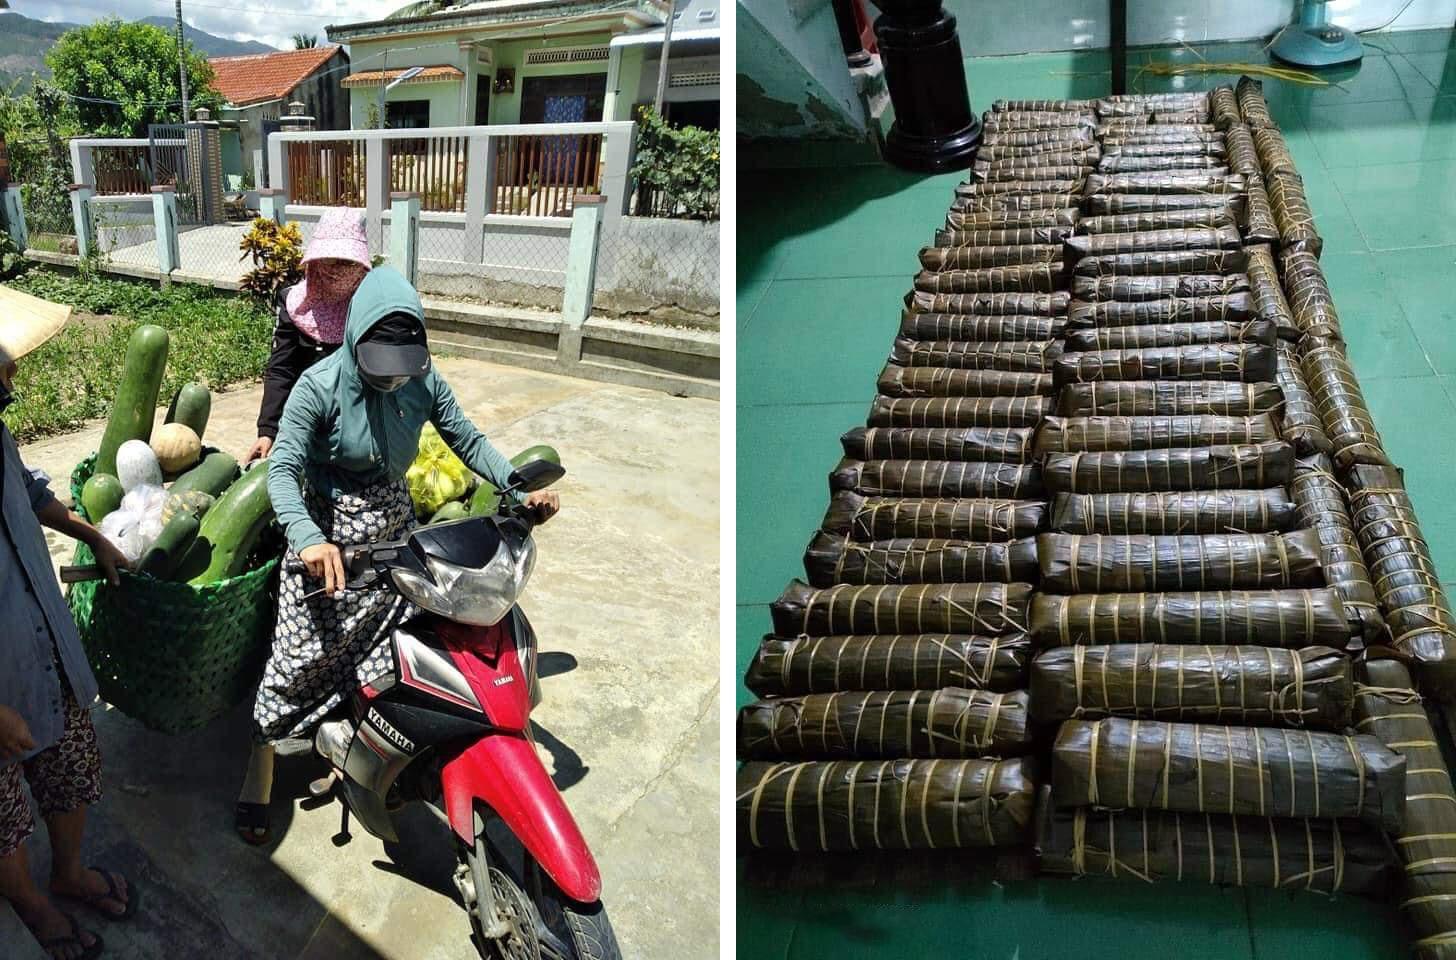 Nông sản, rau xanh, bánh tét... được vận chuyển từ Đại Lộc vào tâm dịch TP. Hồ Chí Minh. Ảnh: H.L